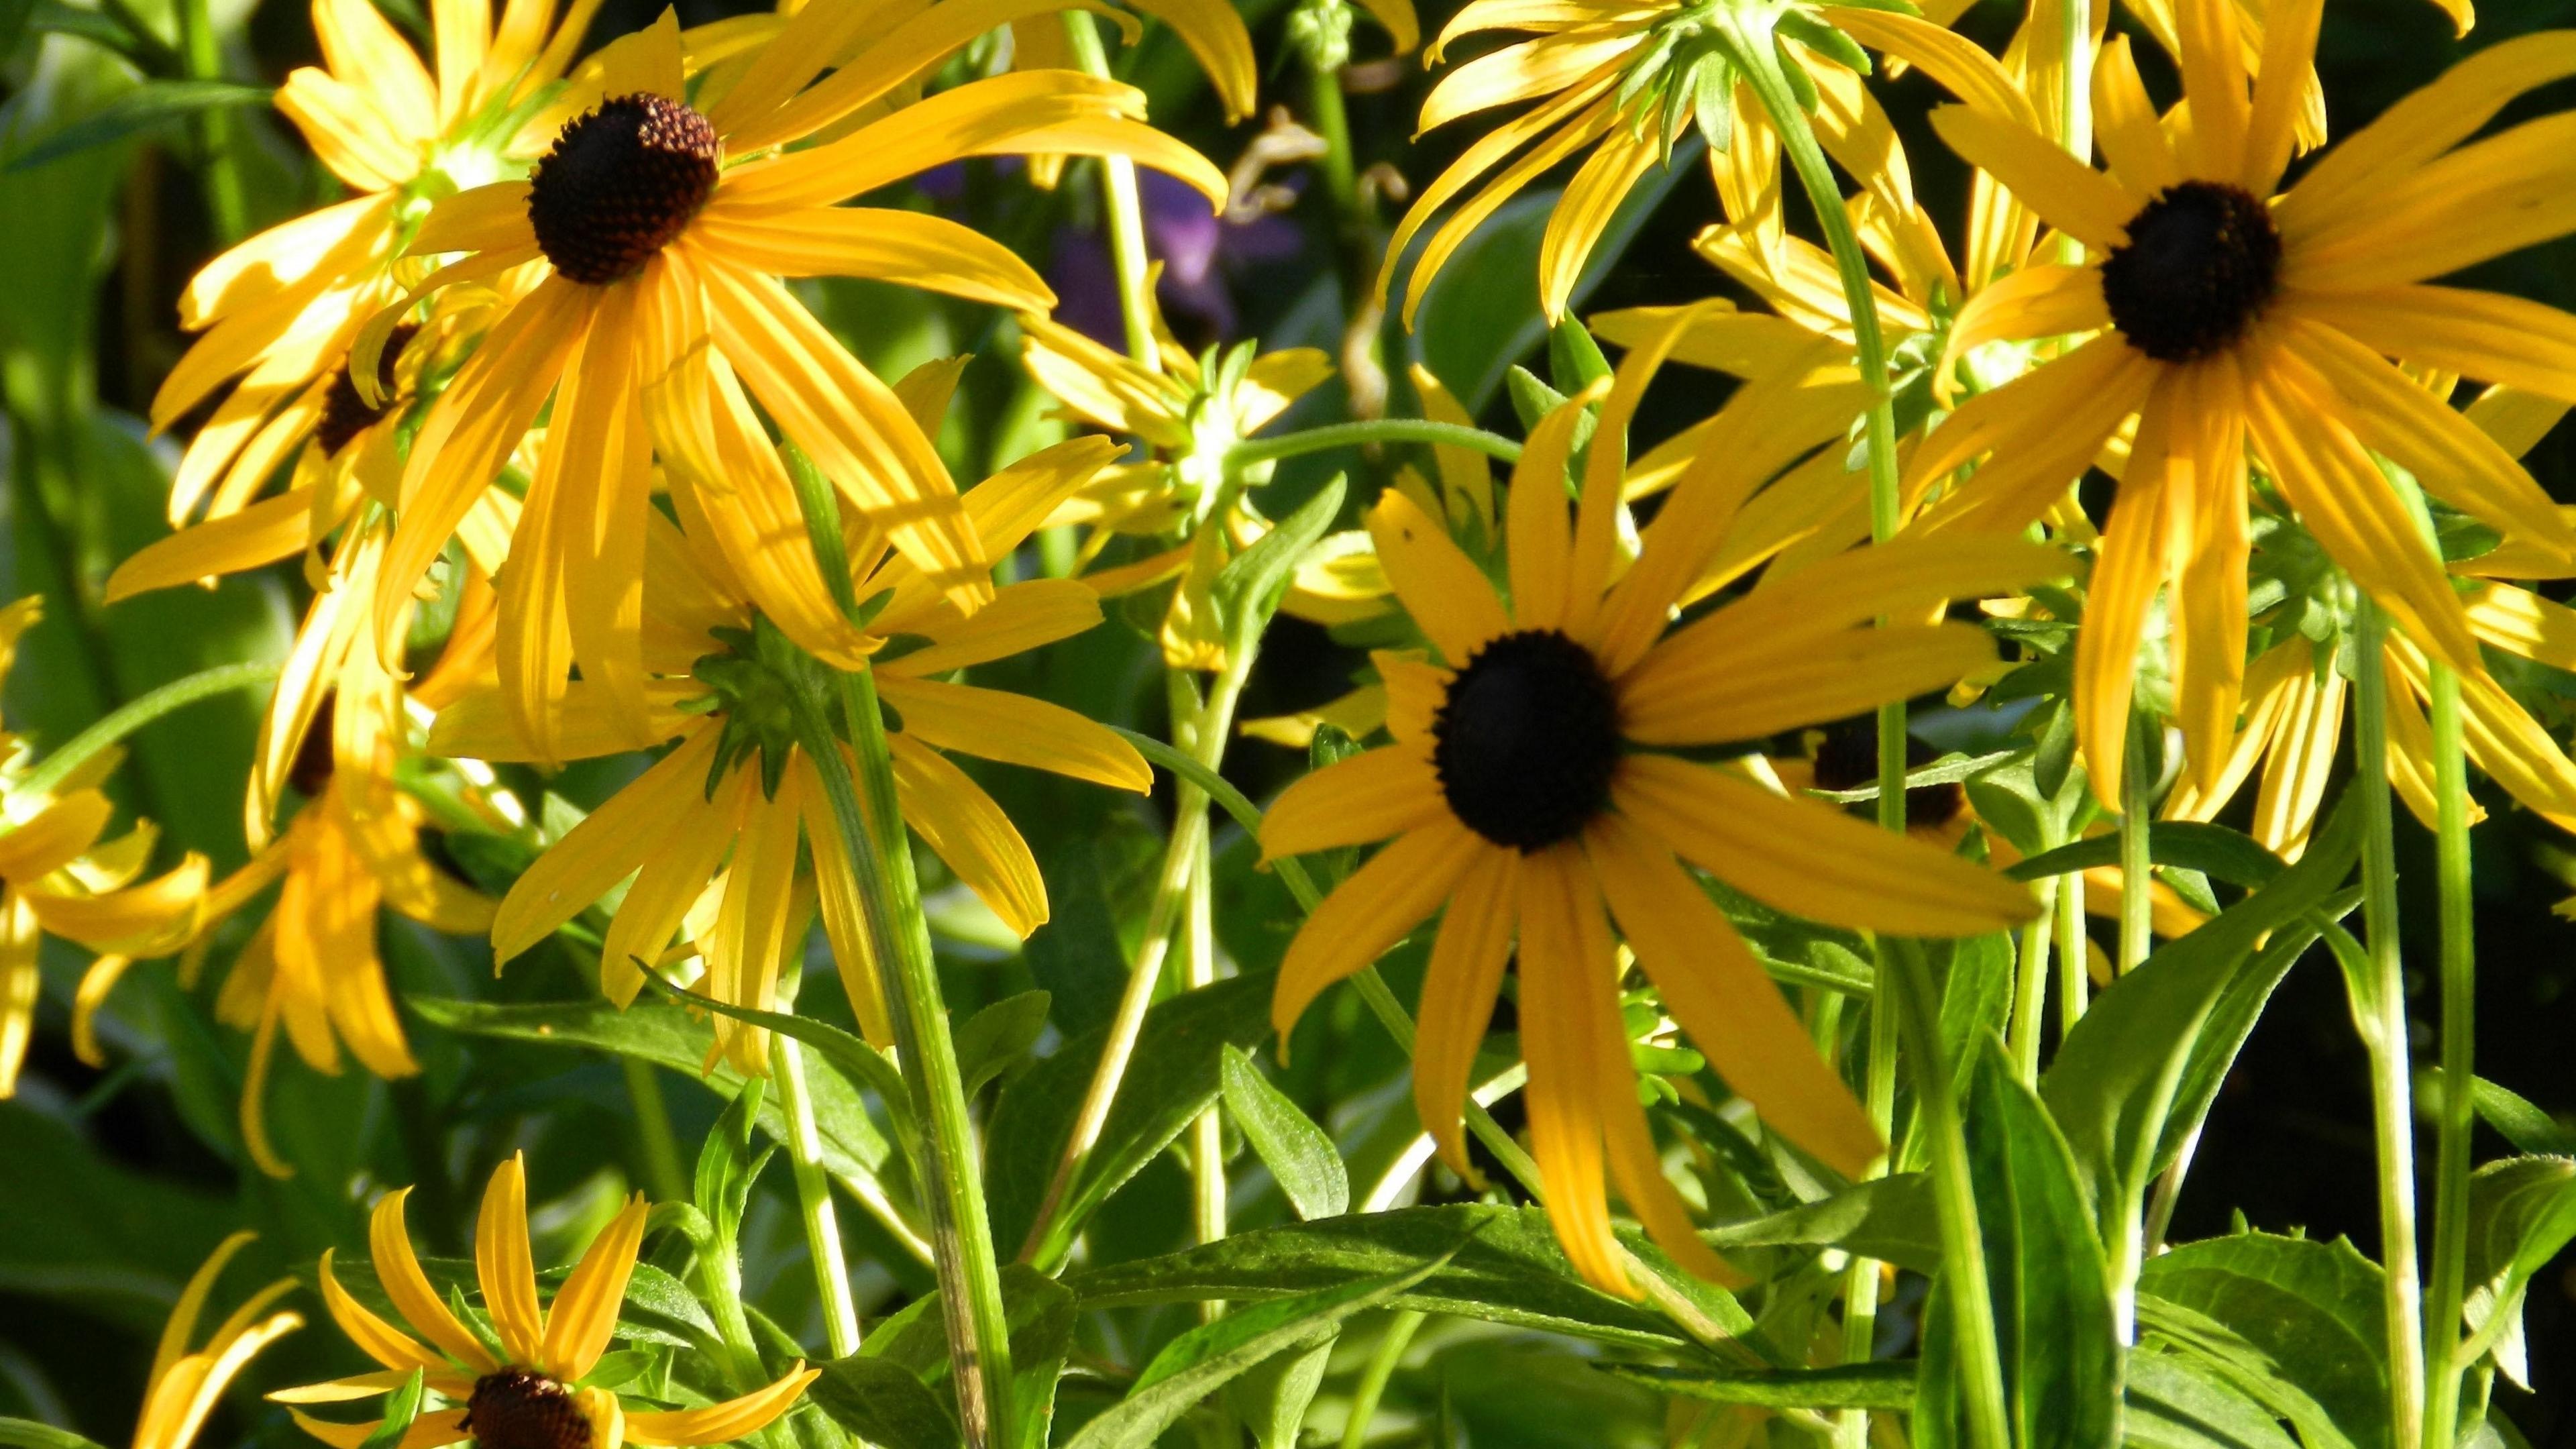 rudbeckia flowerbed close up sharpness 4k 1540064197 - rudbeckia, flowerbed, close up, sharpness 4k - Rudbeckia, flowerbed, close-up